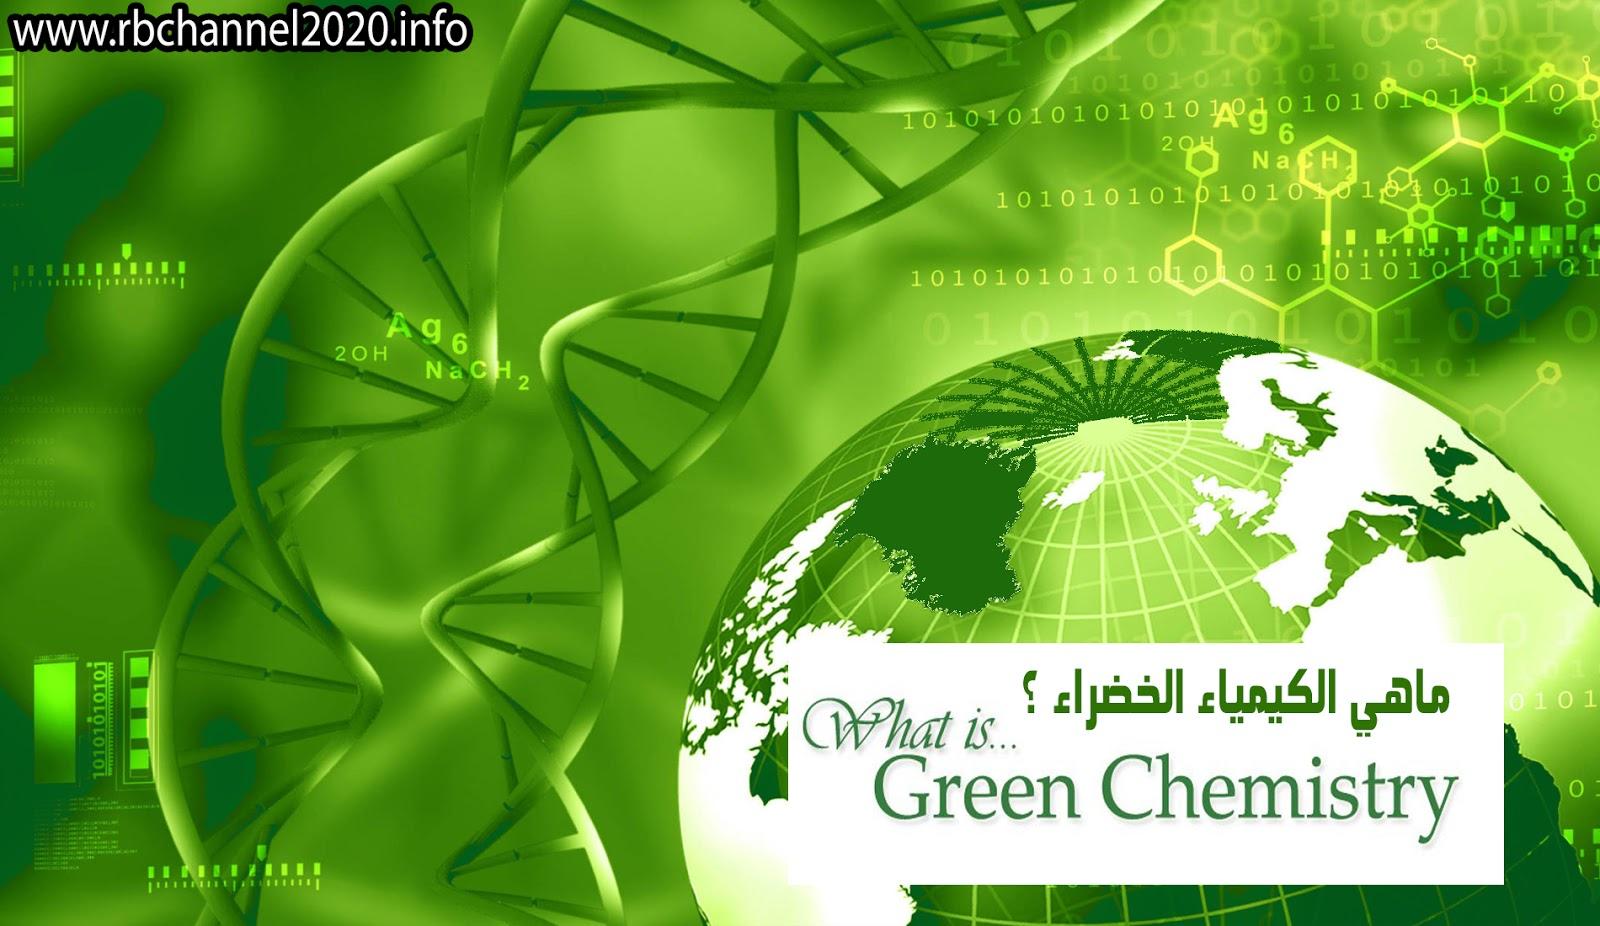 الكيمياء الخضراء - أهم أنجازات الكيمياء الخضراء حول العالم